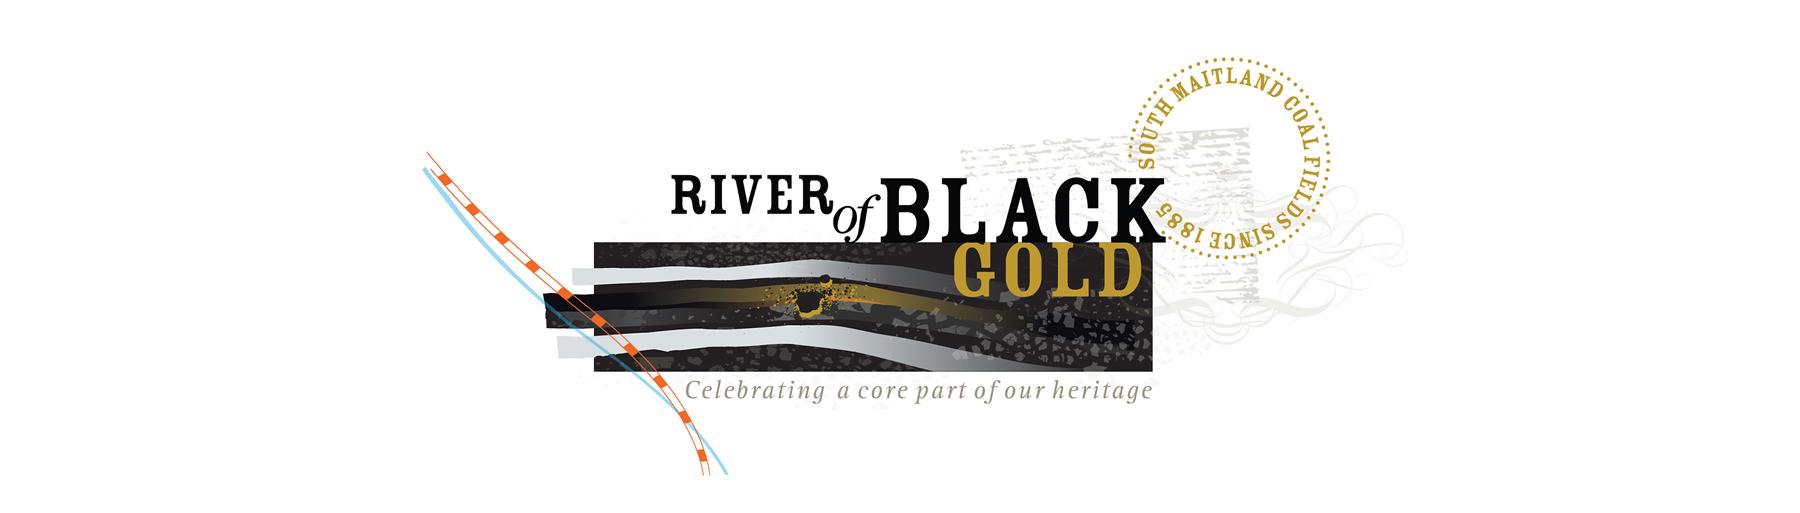 River of Black Gold Logo Banner